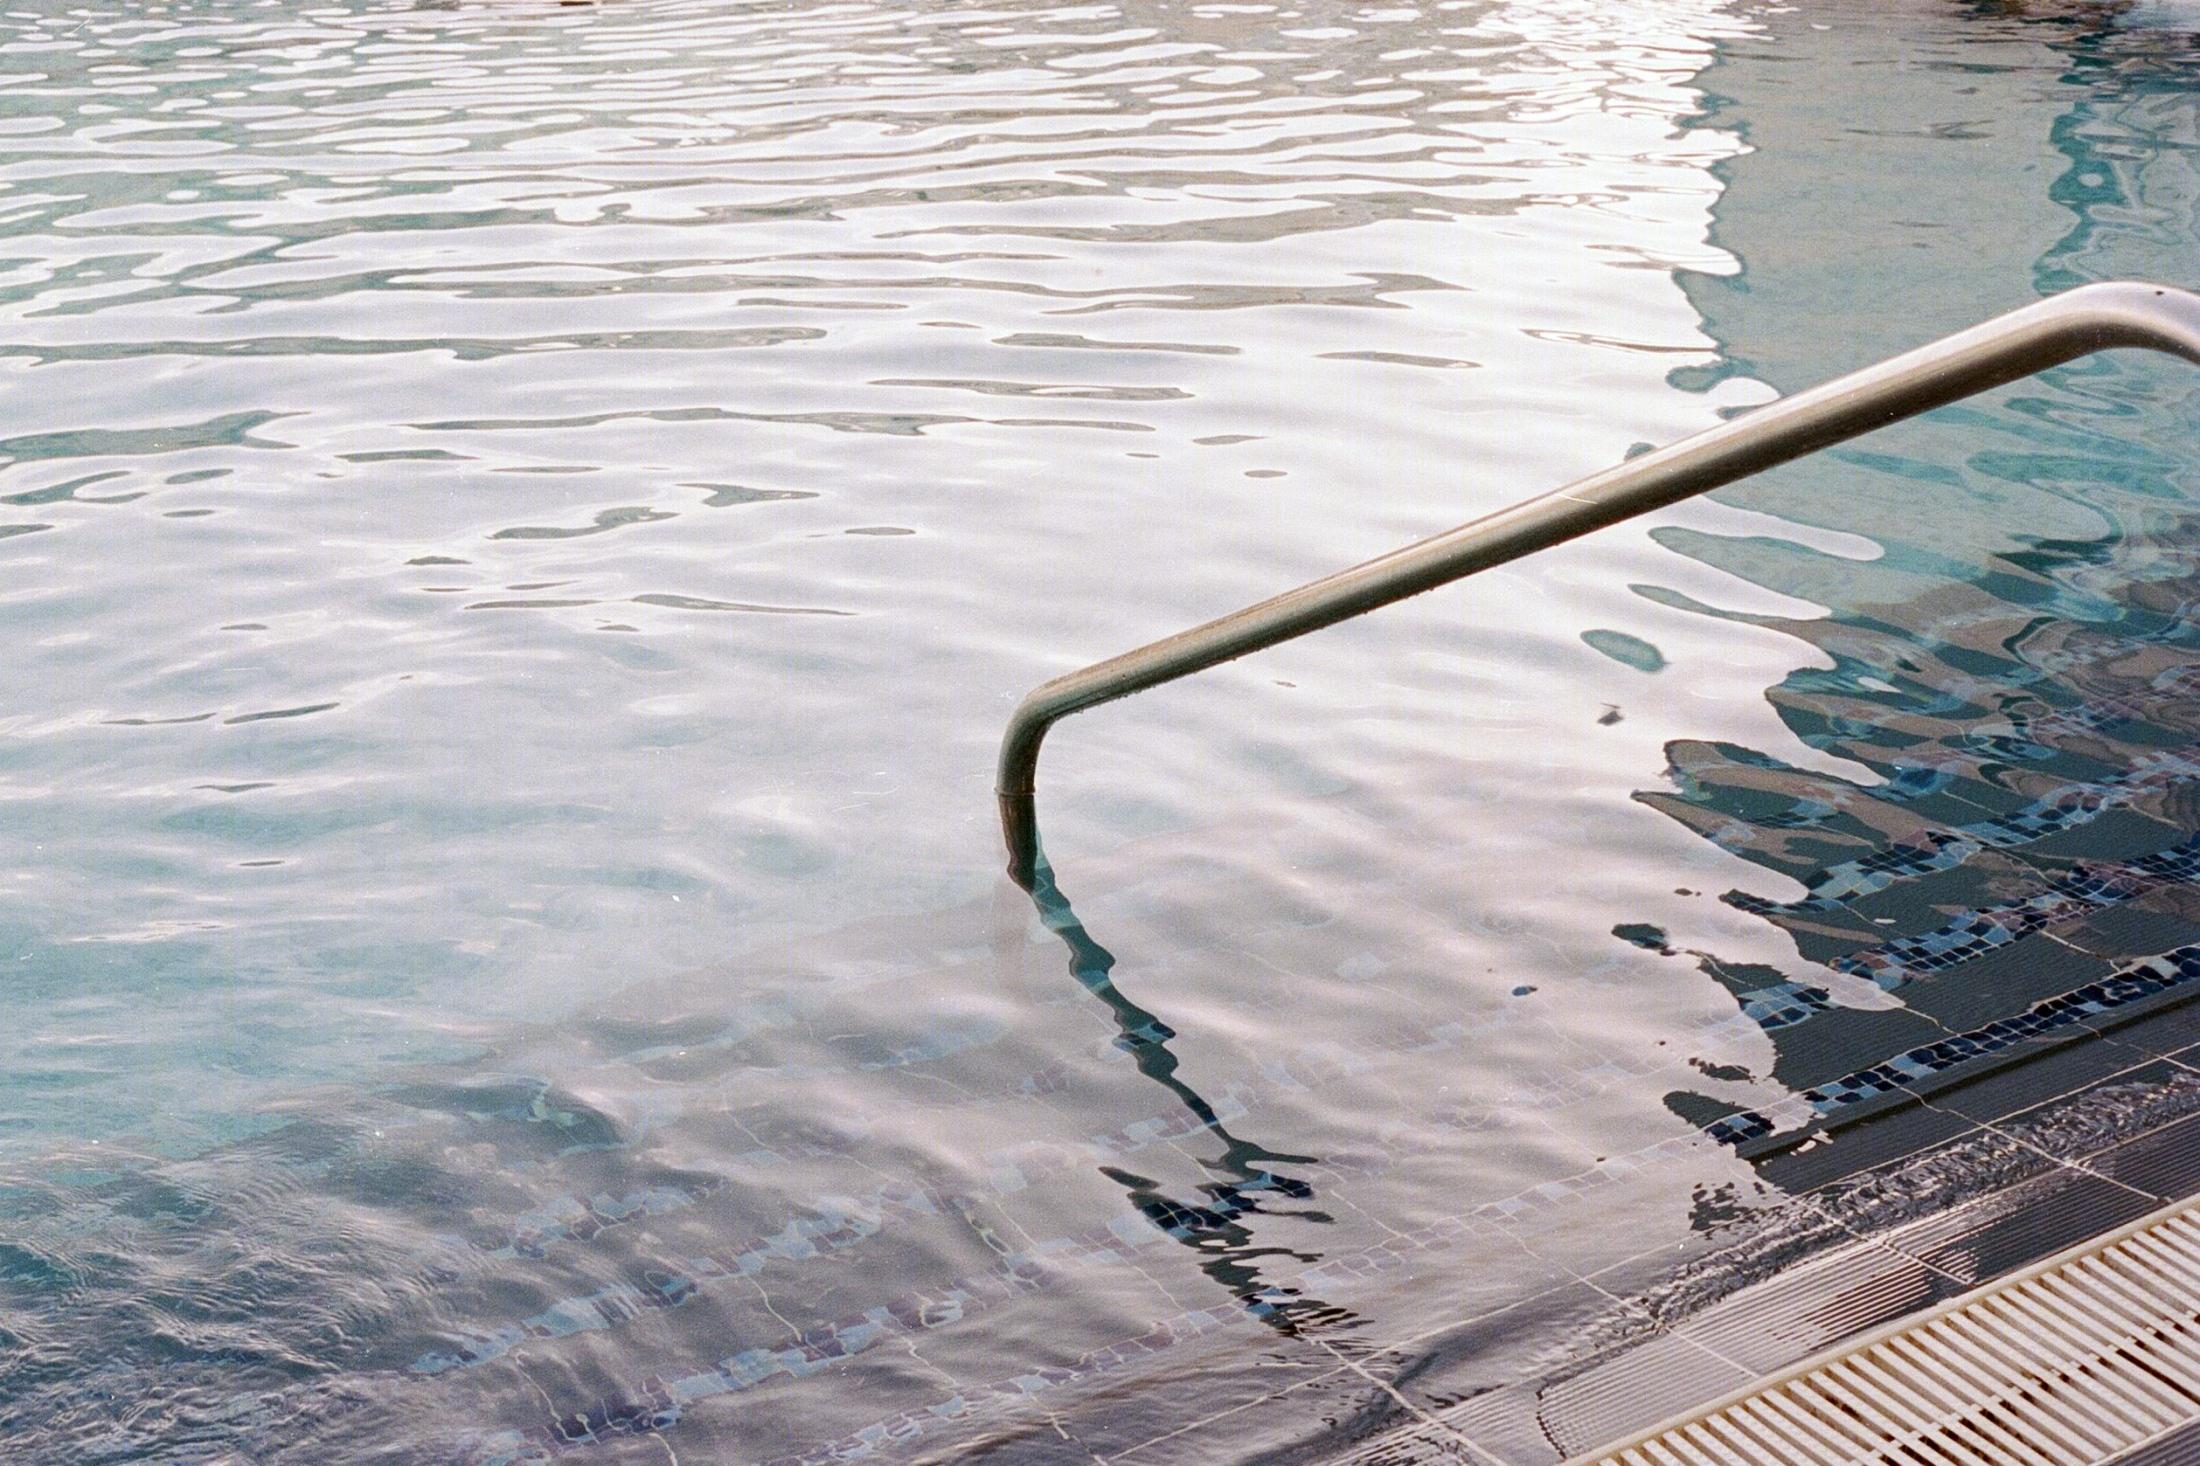 Pool at La Habana Libre, Havana, NY